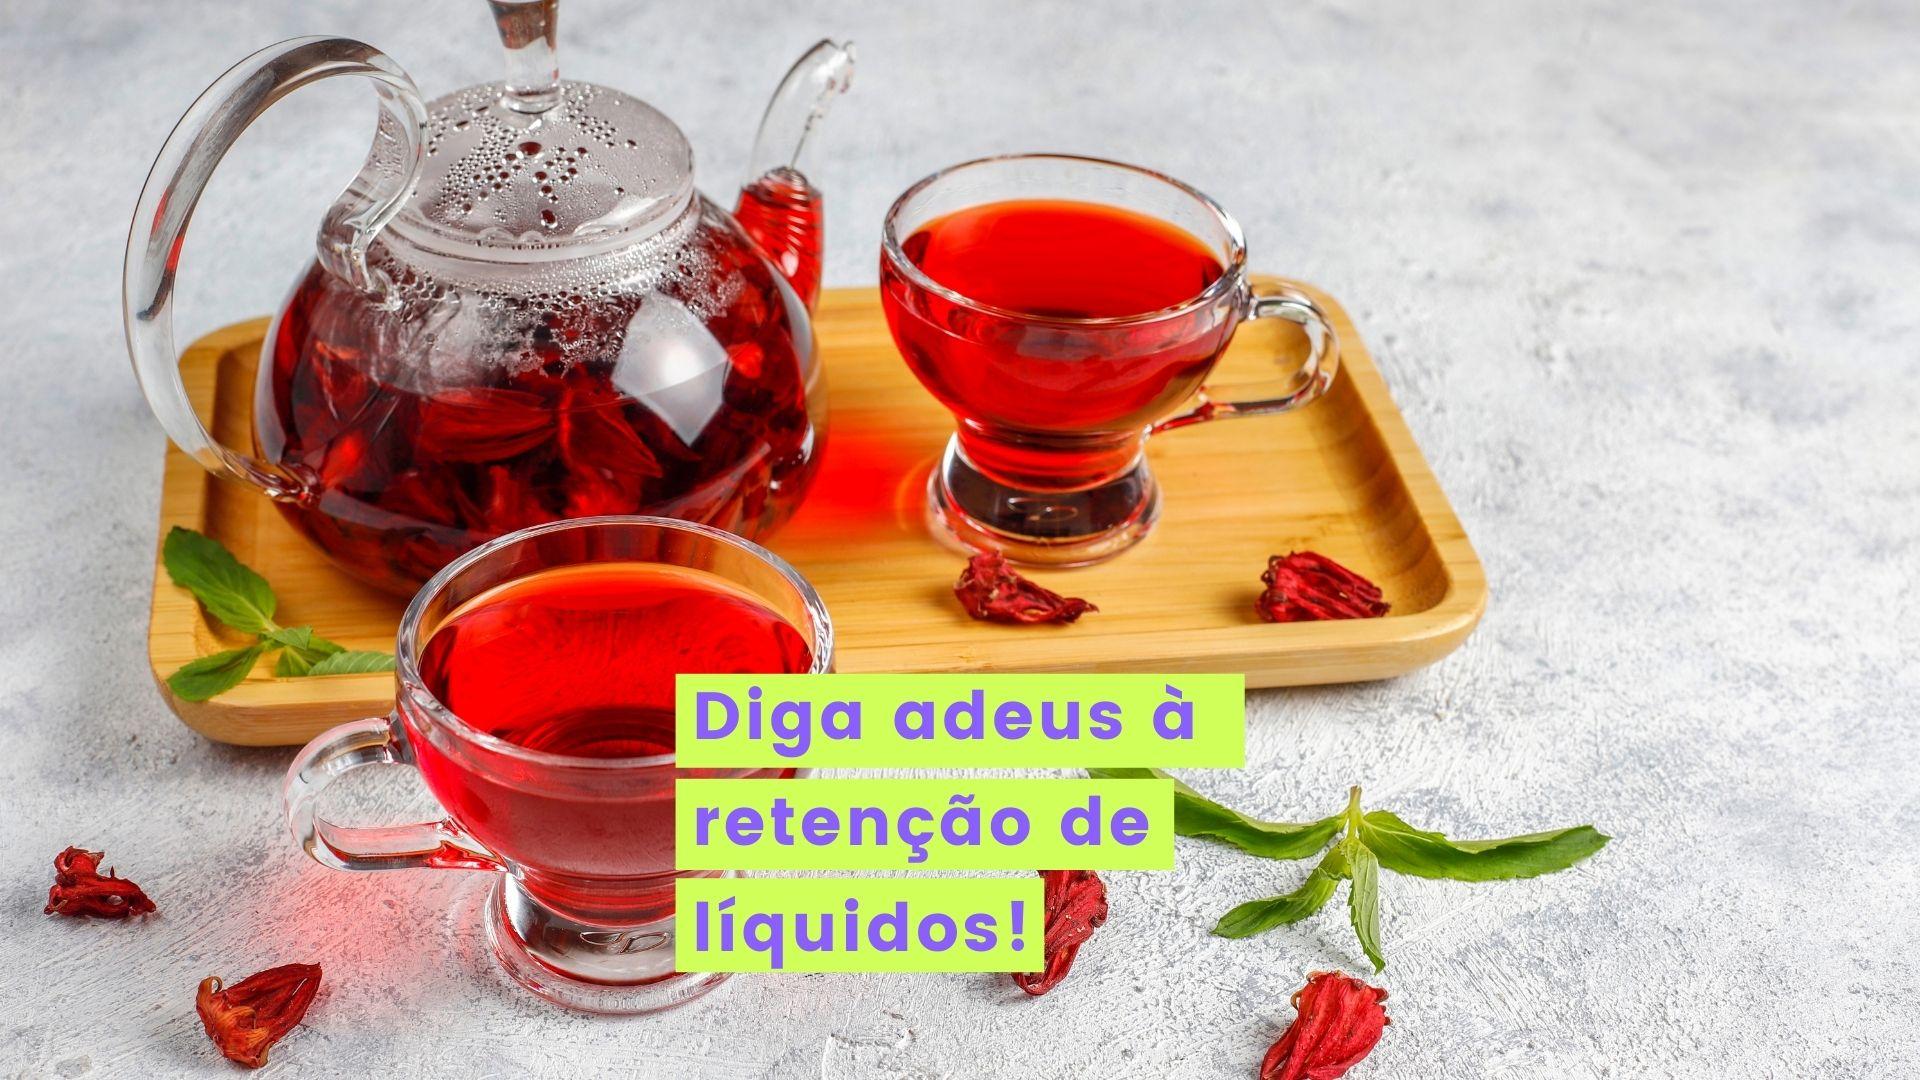 chá para retenção de liquidos